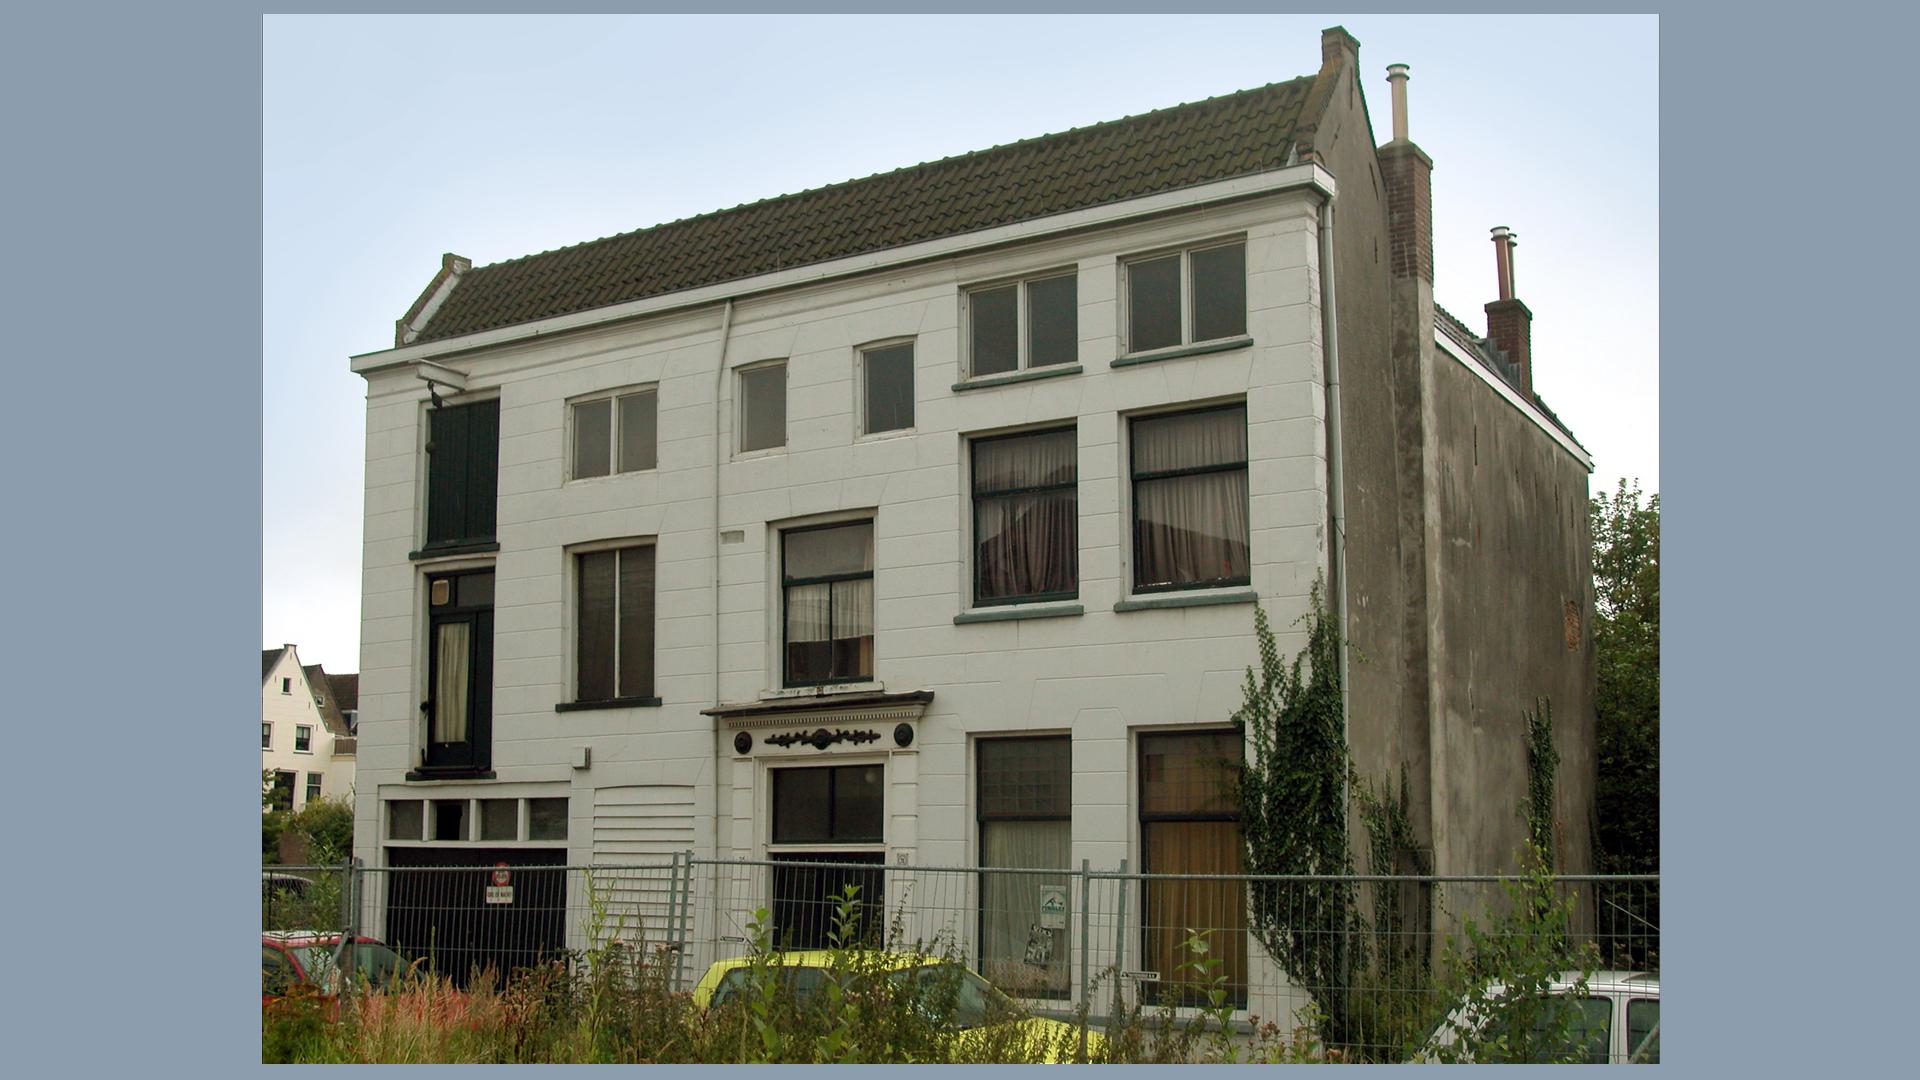 Westmolenstraat bestfoto